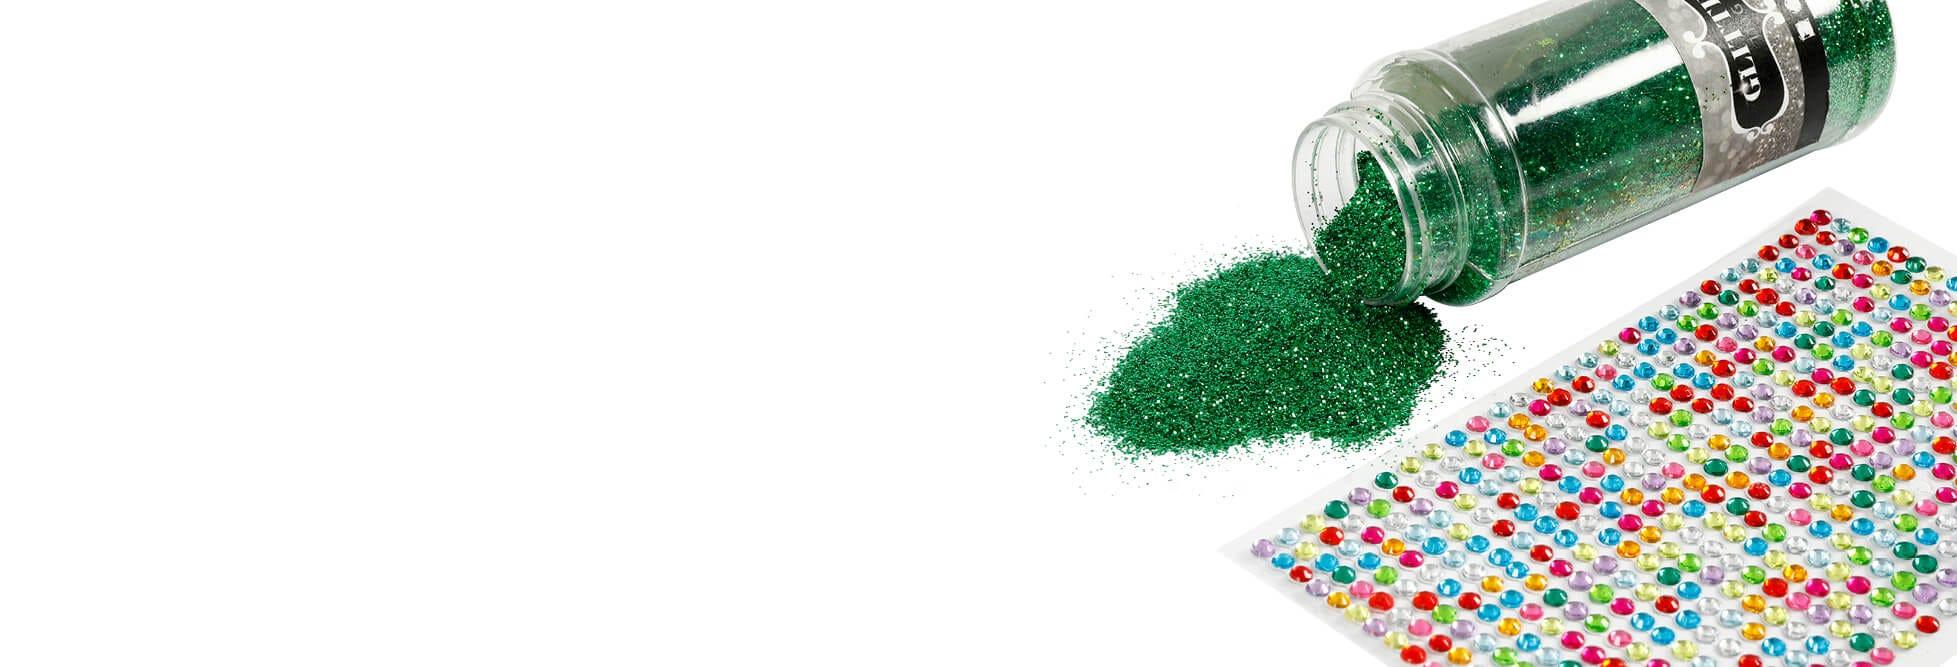 Glitter, folie en zegels